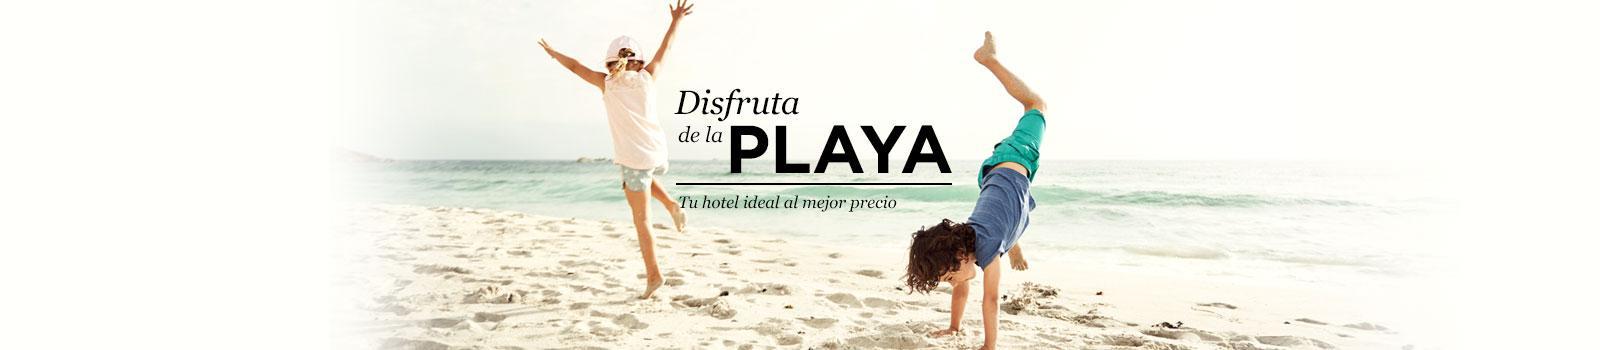 Hoteles Playa baratos Ofertas